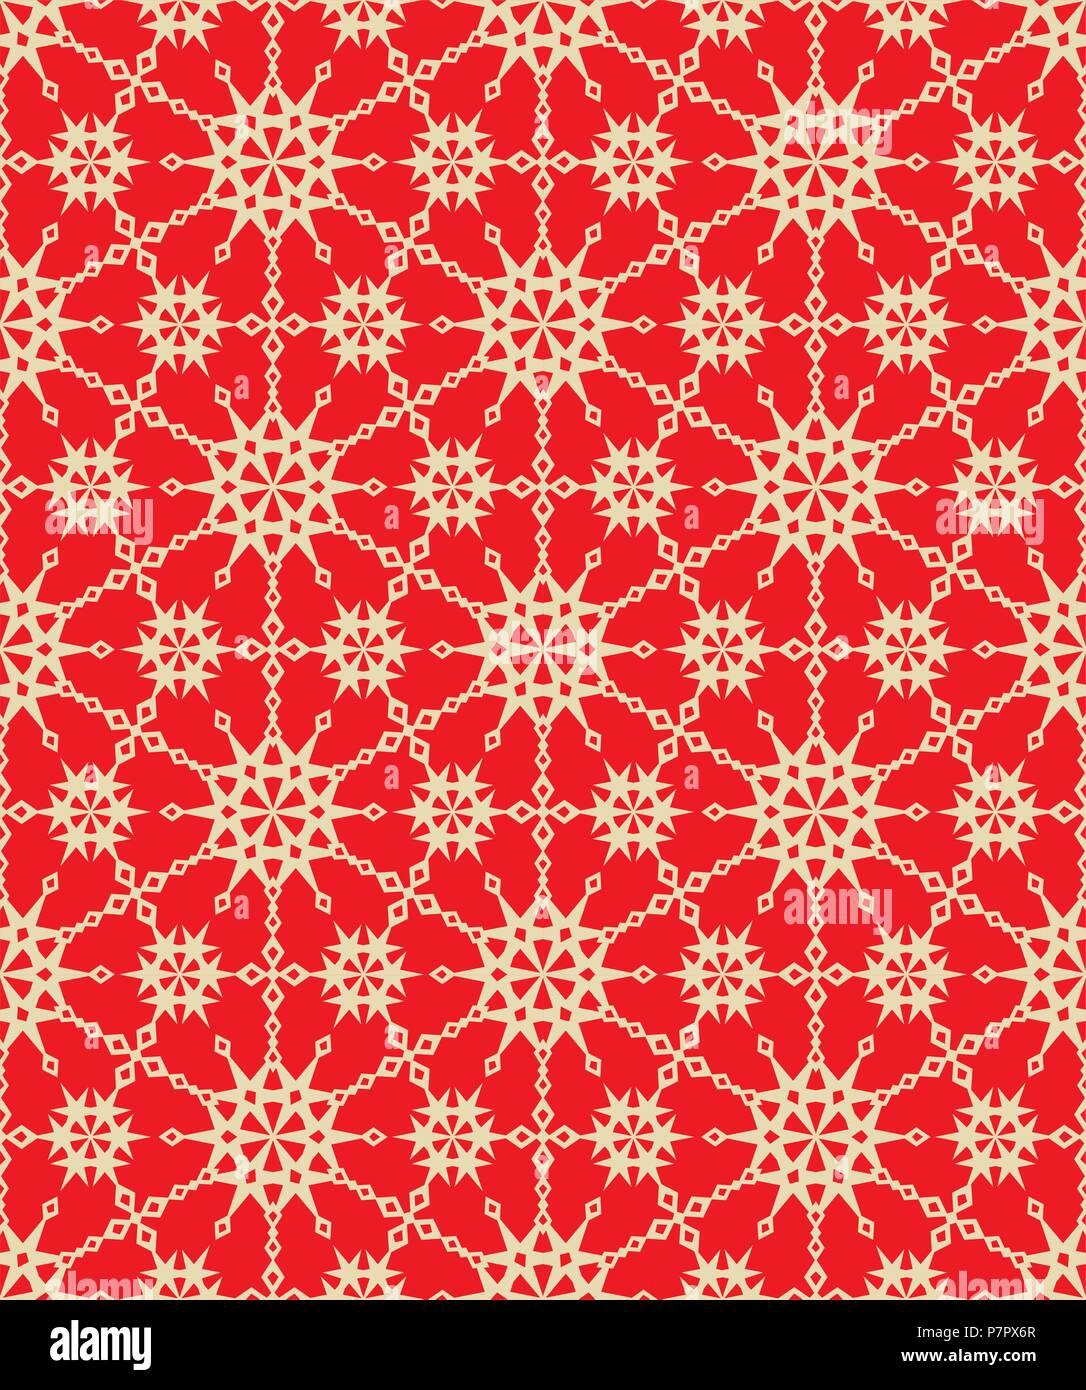 nahtlose sie sehen 8 tiles elegante rot und gold abstract urlaub muster drucken tapeten swatch textur oder hintergrund - Tapete Rot Muster